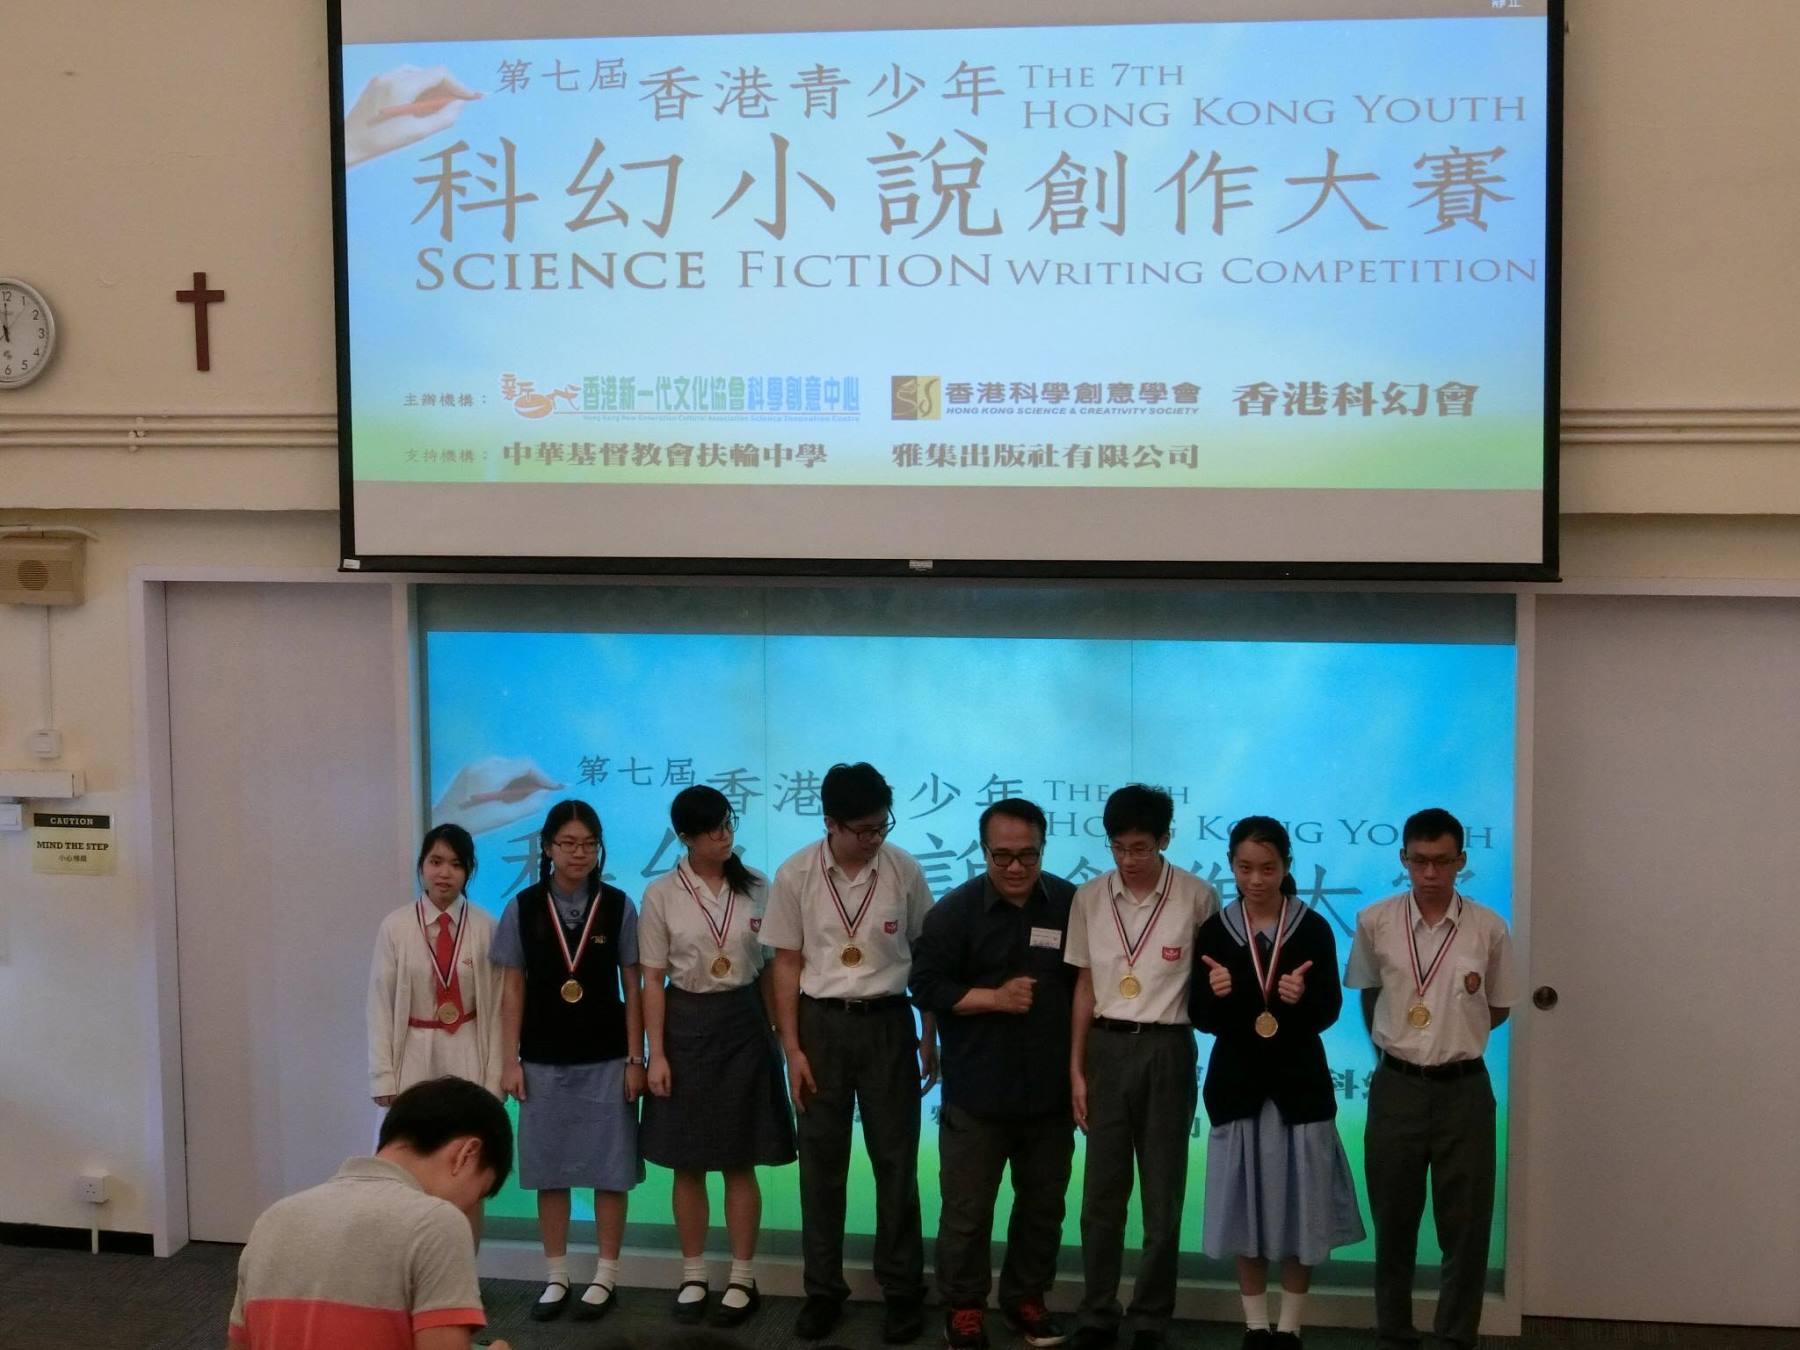 http://npc.edu.hk/sites/default/files/34831488_10216051546702146_3079778979033382912_n.jpg